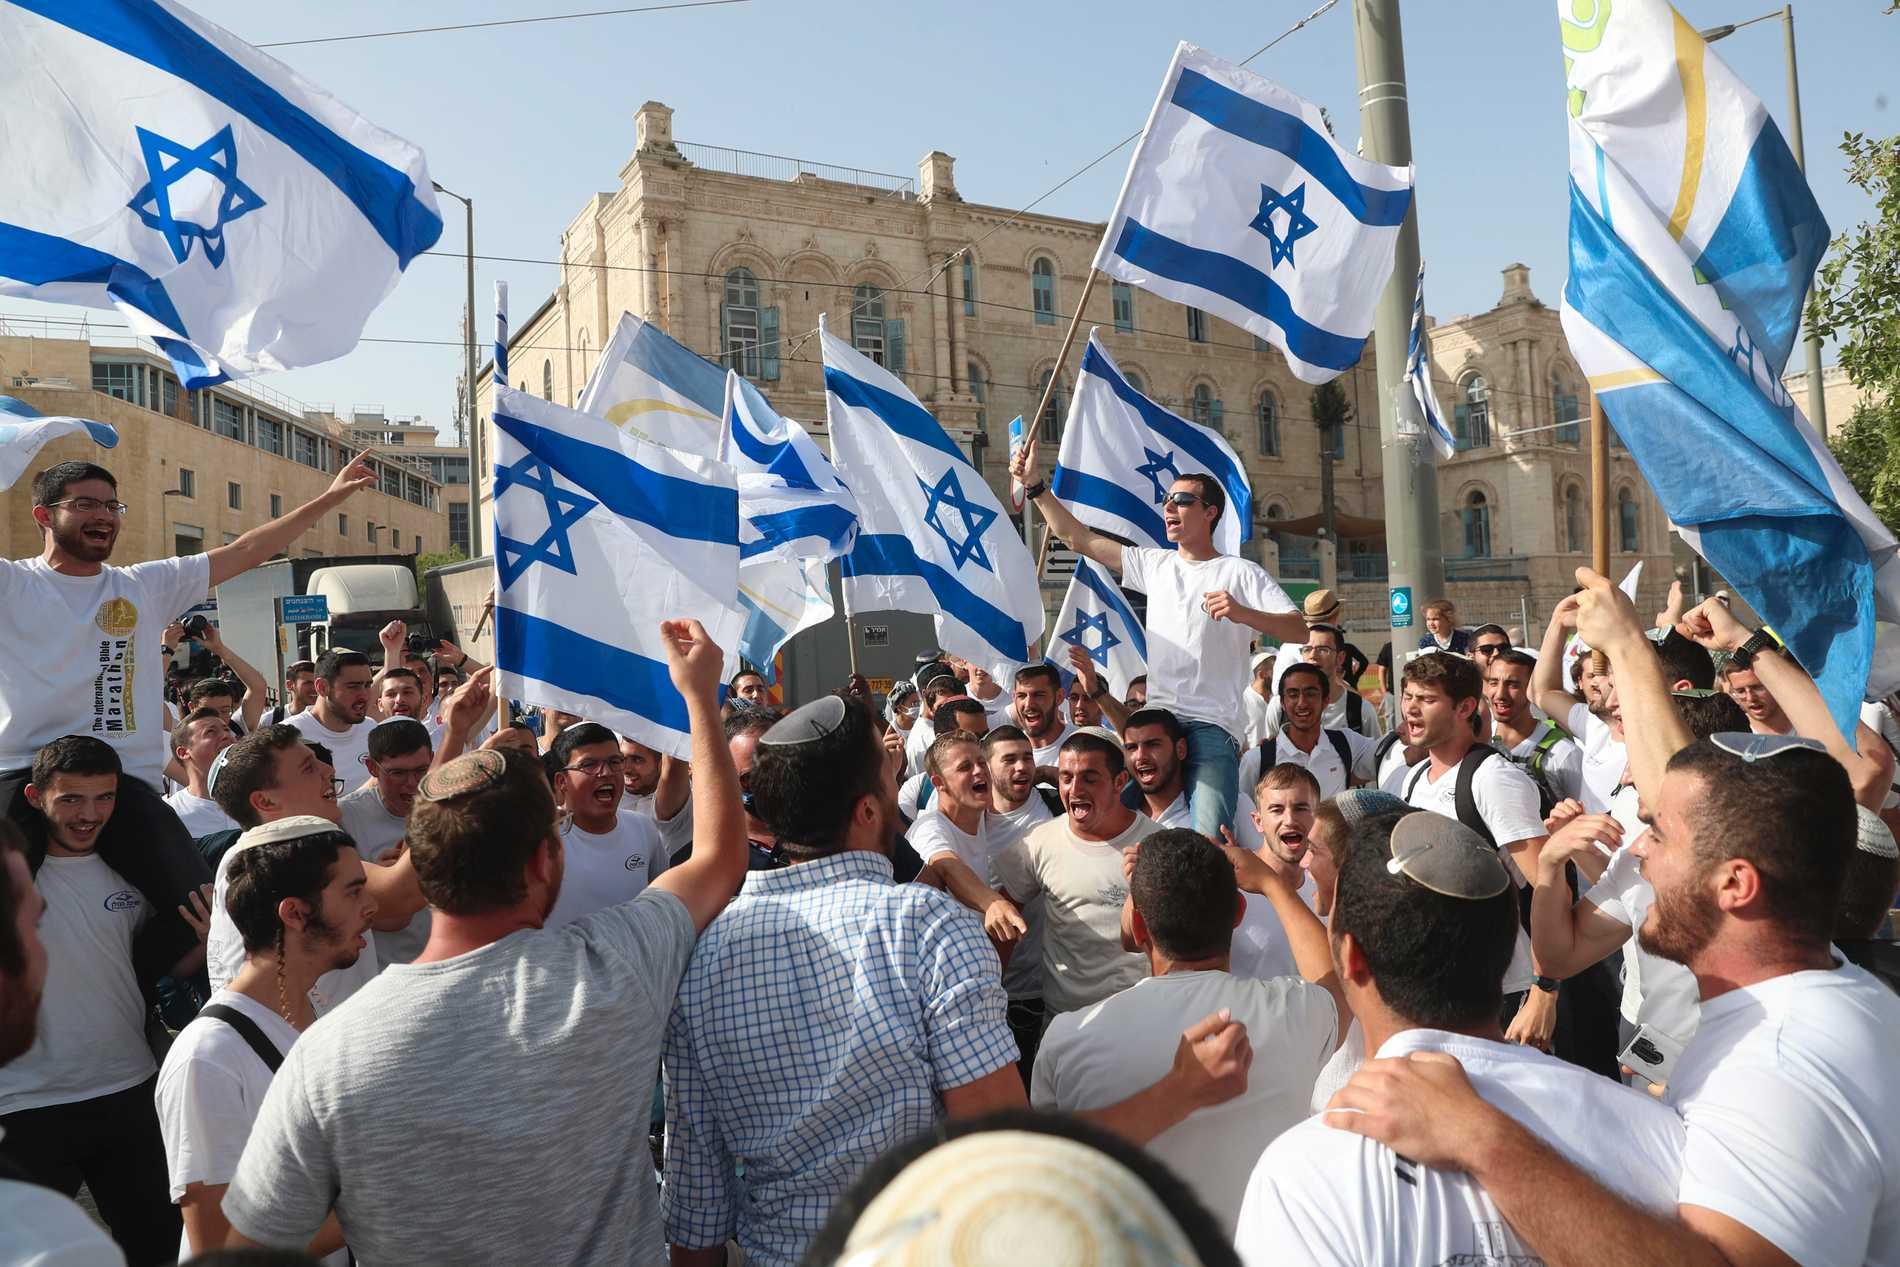 Den traditionsenliga flaggparaden ställdes in på Jerusalemdagen den 10 maj, då bilden är tagen. Men nu har israelisk polis gett grönt ljus till att genomföra den på tisdag.